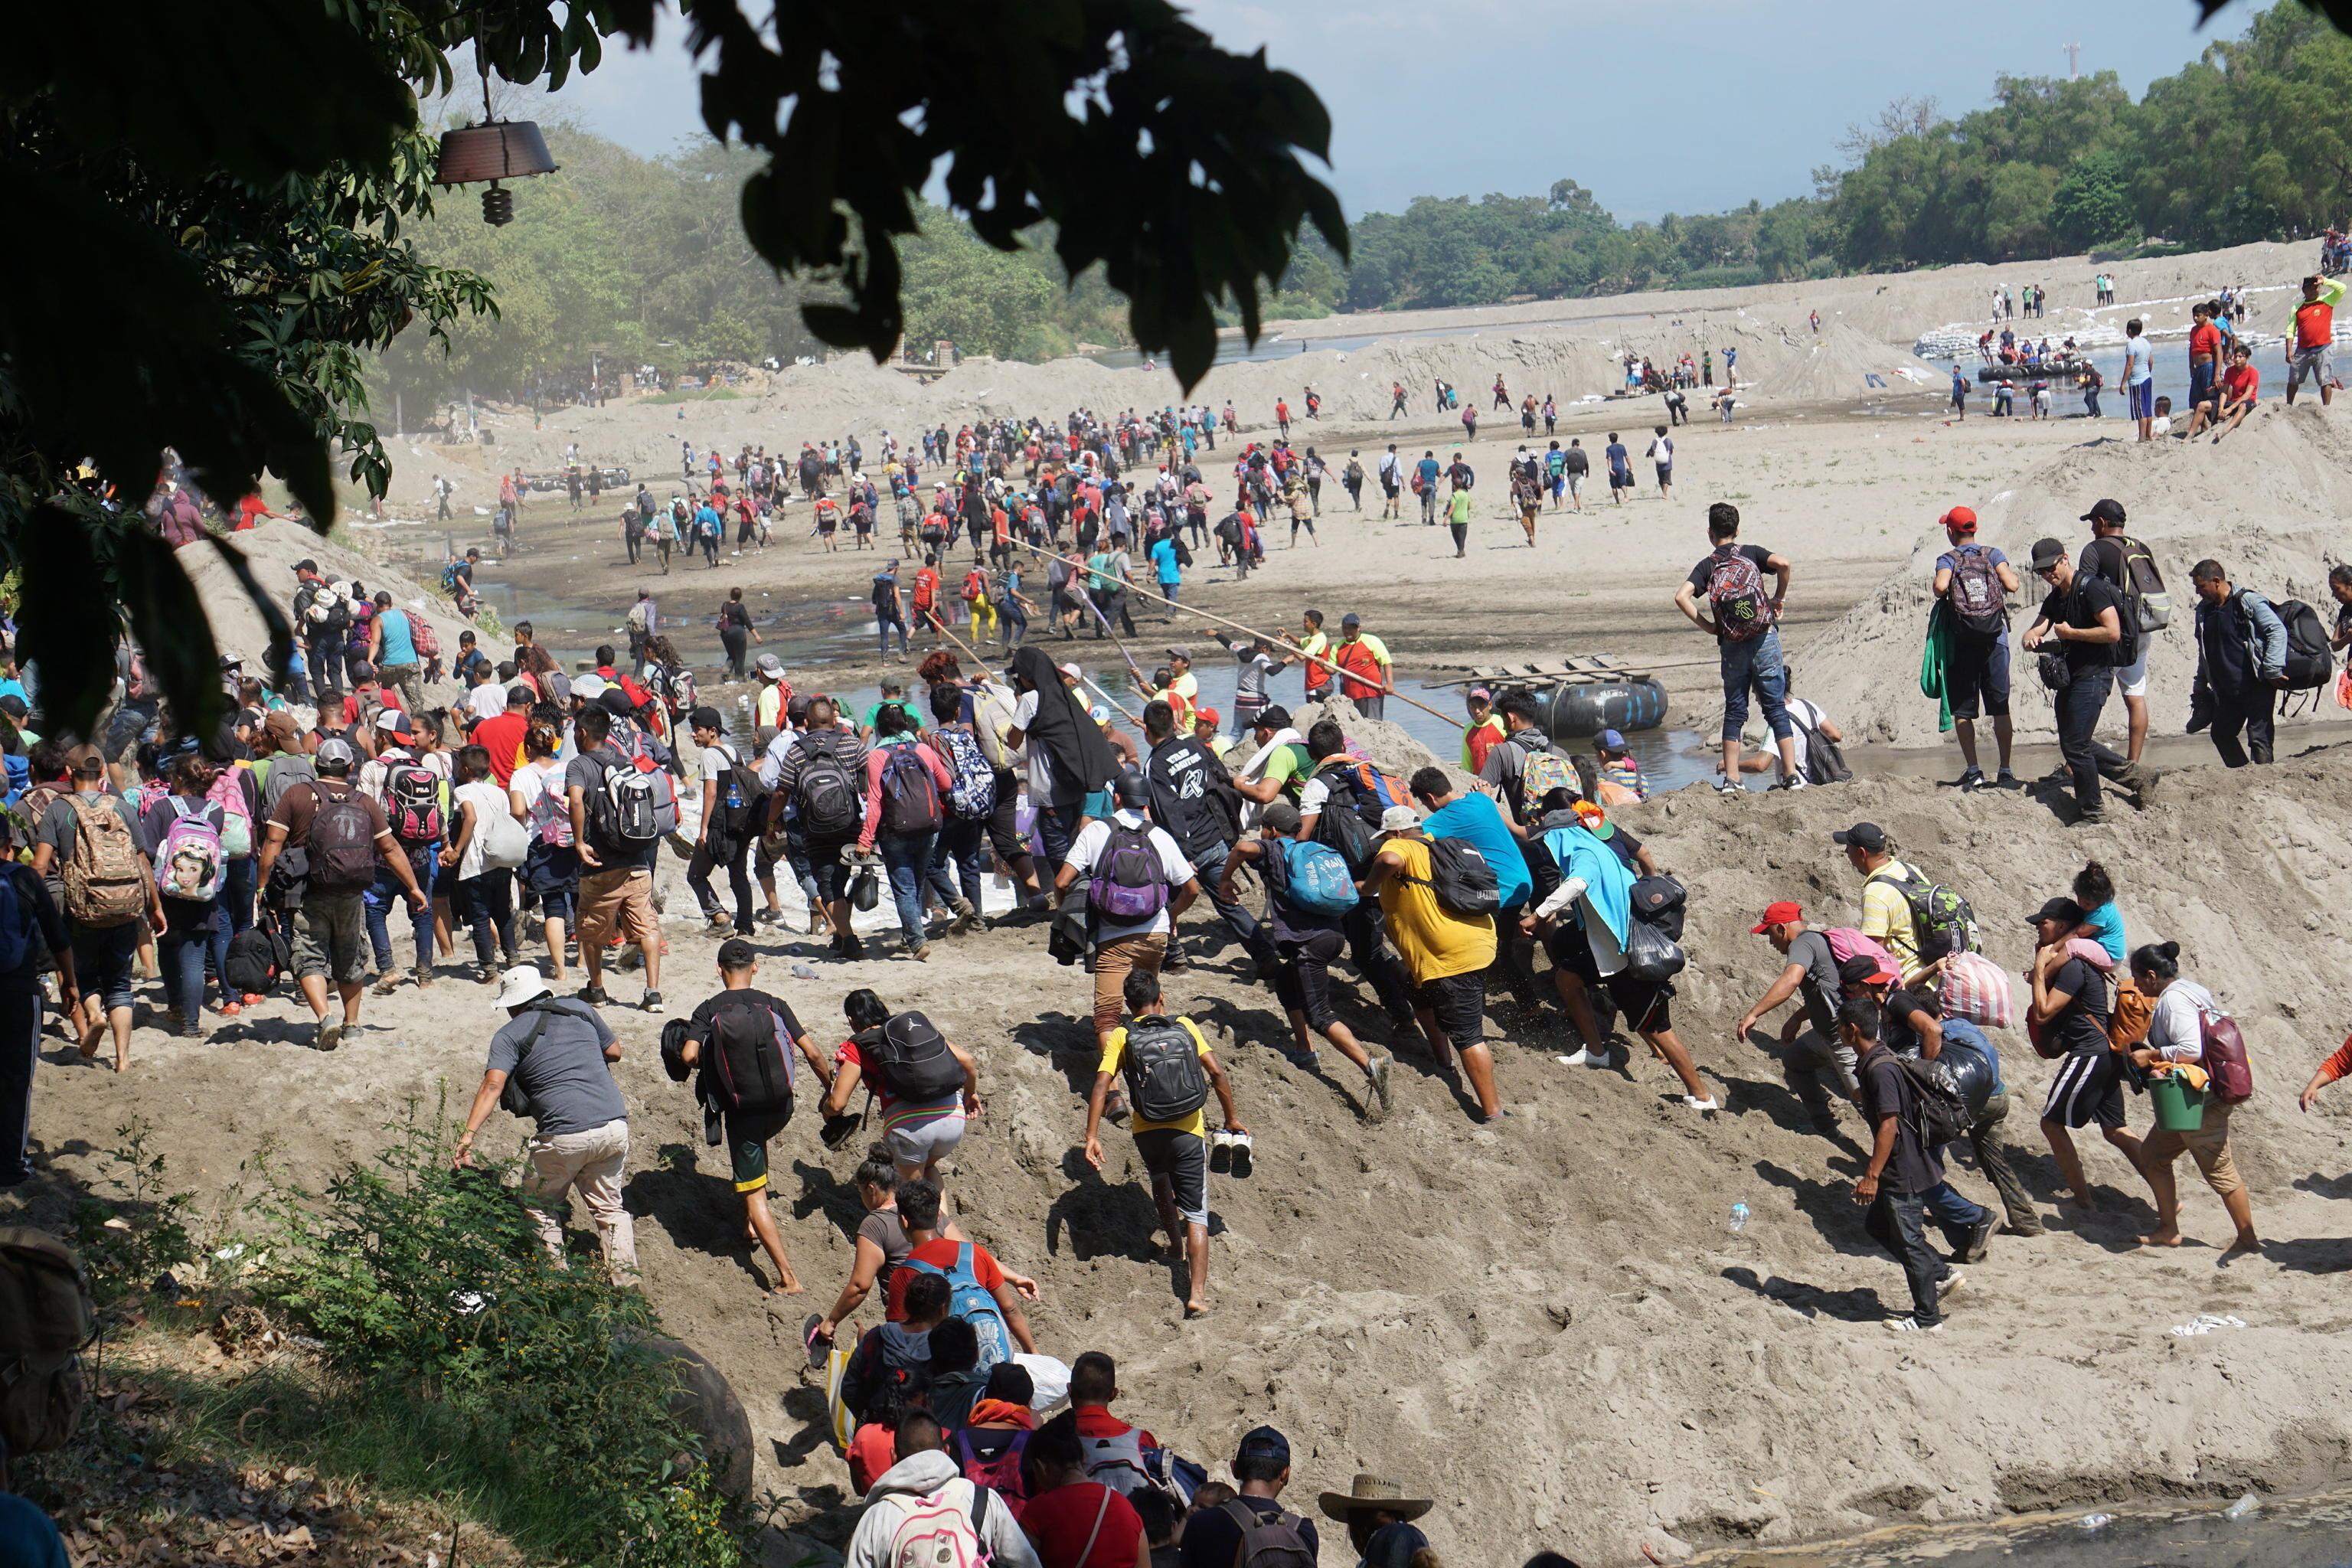 La carovana si è così divisa tra chi ha attraversato il fiume (foto) e chi sta ancora aspettando al confine